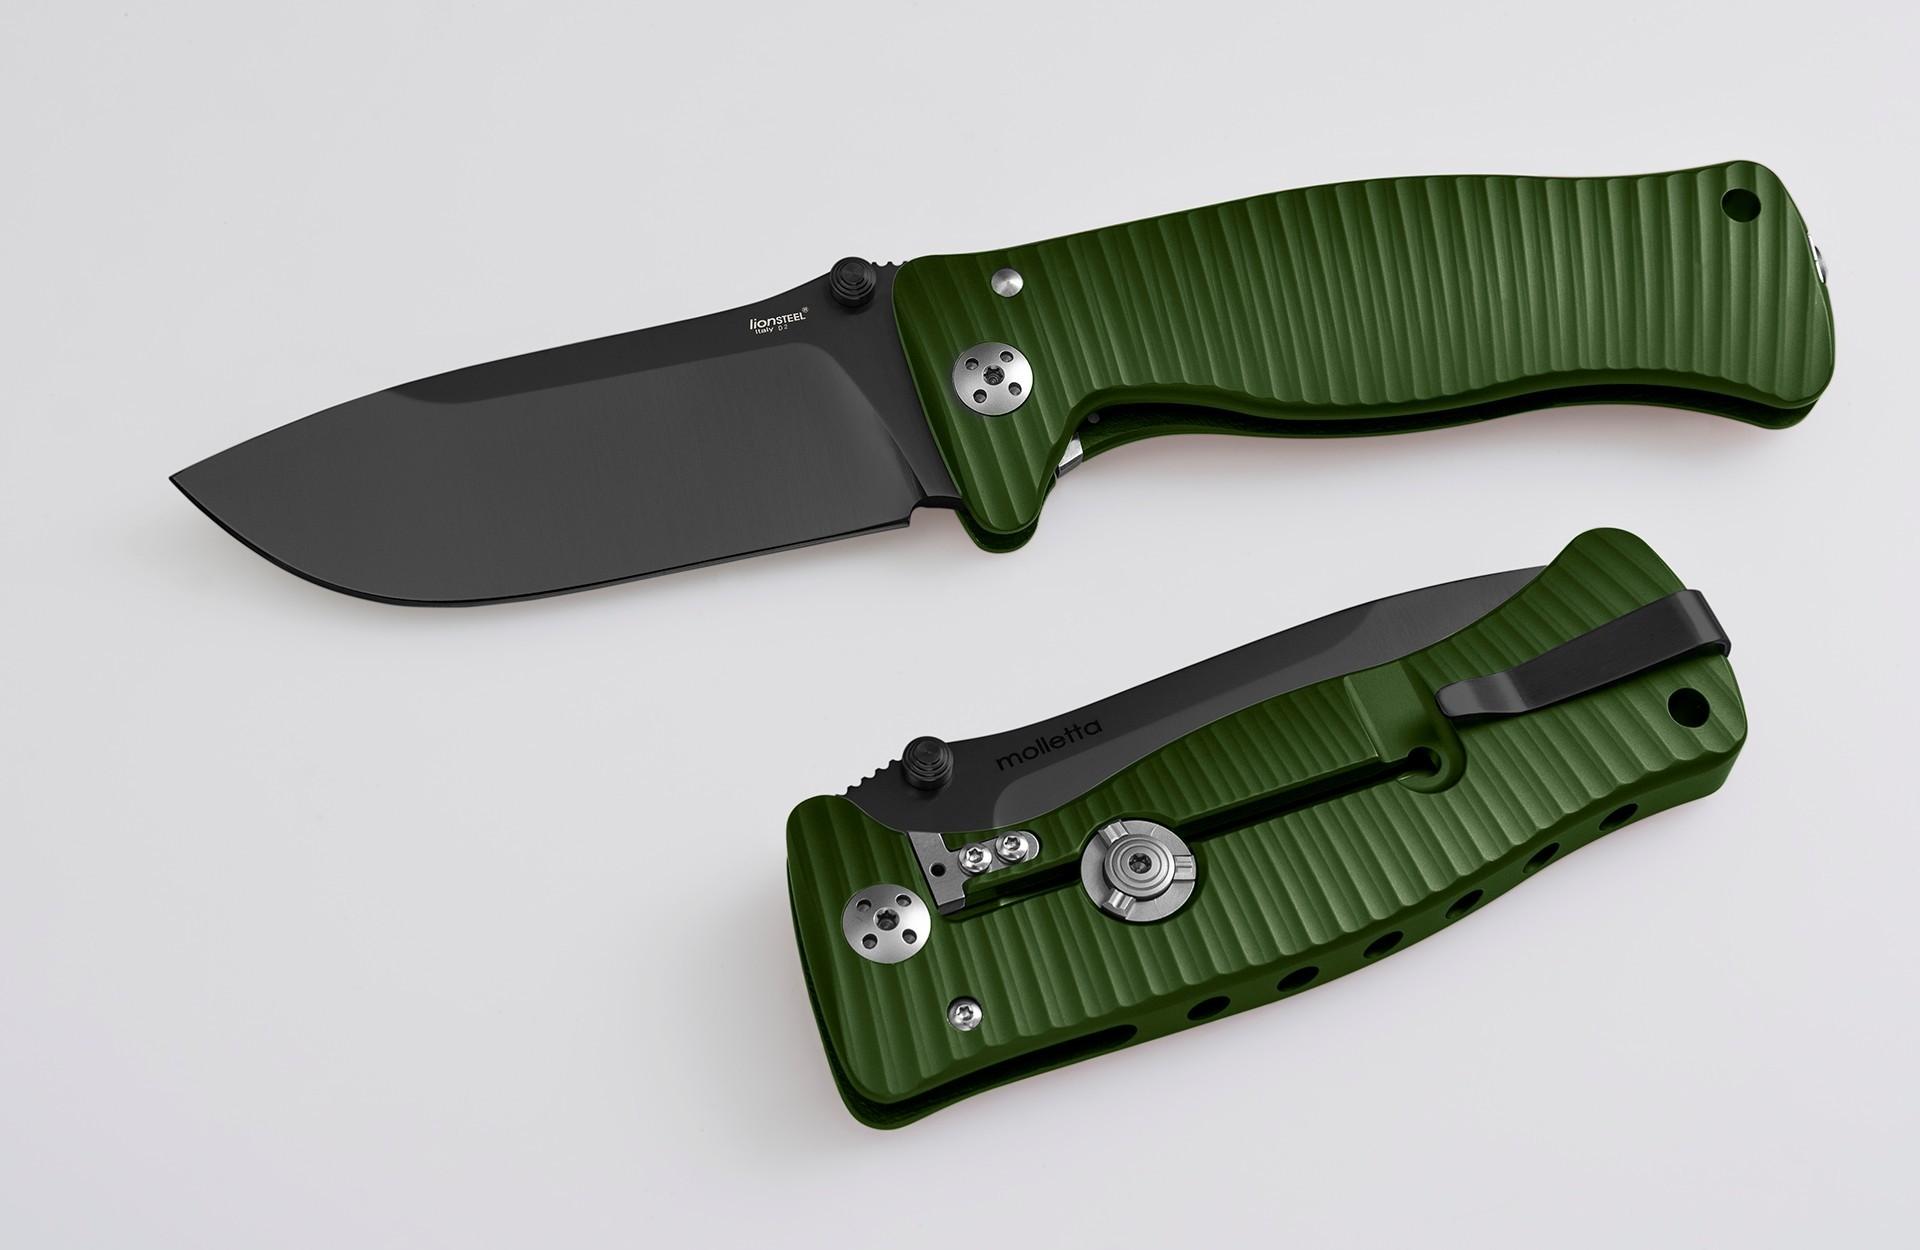 Фото 3 - Нож складной LionSteel SR1A GB, сталь D2, рукоять алюминий, зелёный от Lion Steel